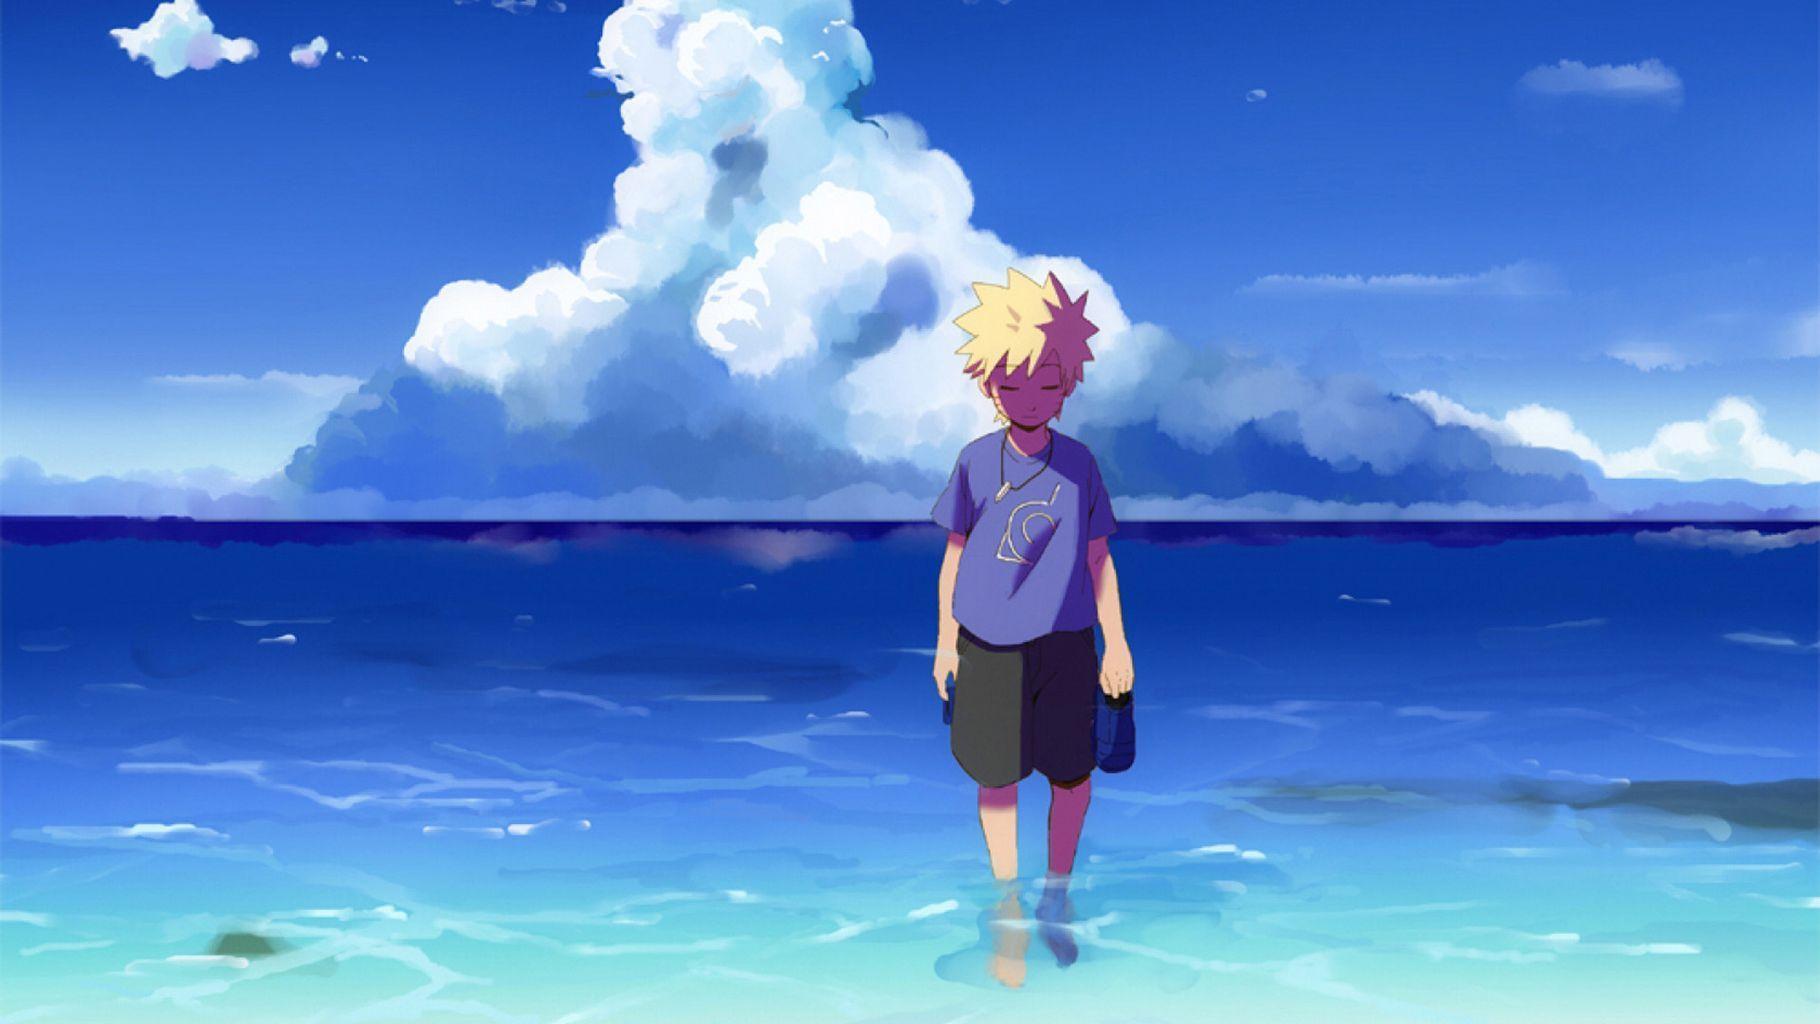 Sad Naruto Wallpapers Top Free Sad Naruto Backgrounds Wallpaperaccess